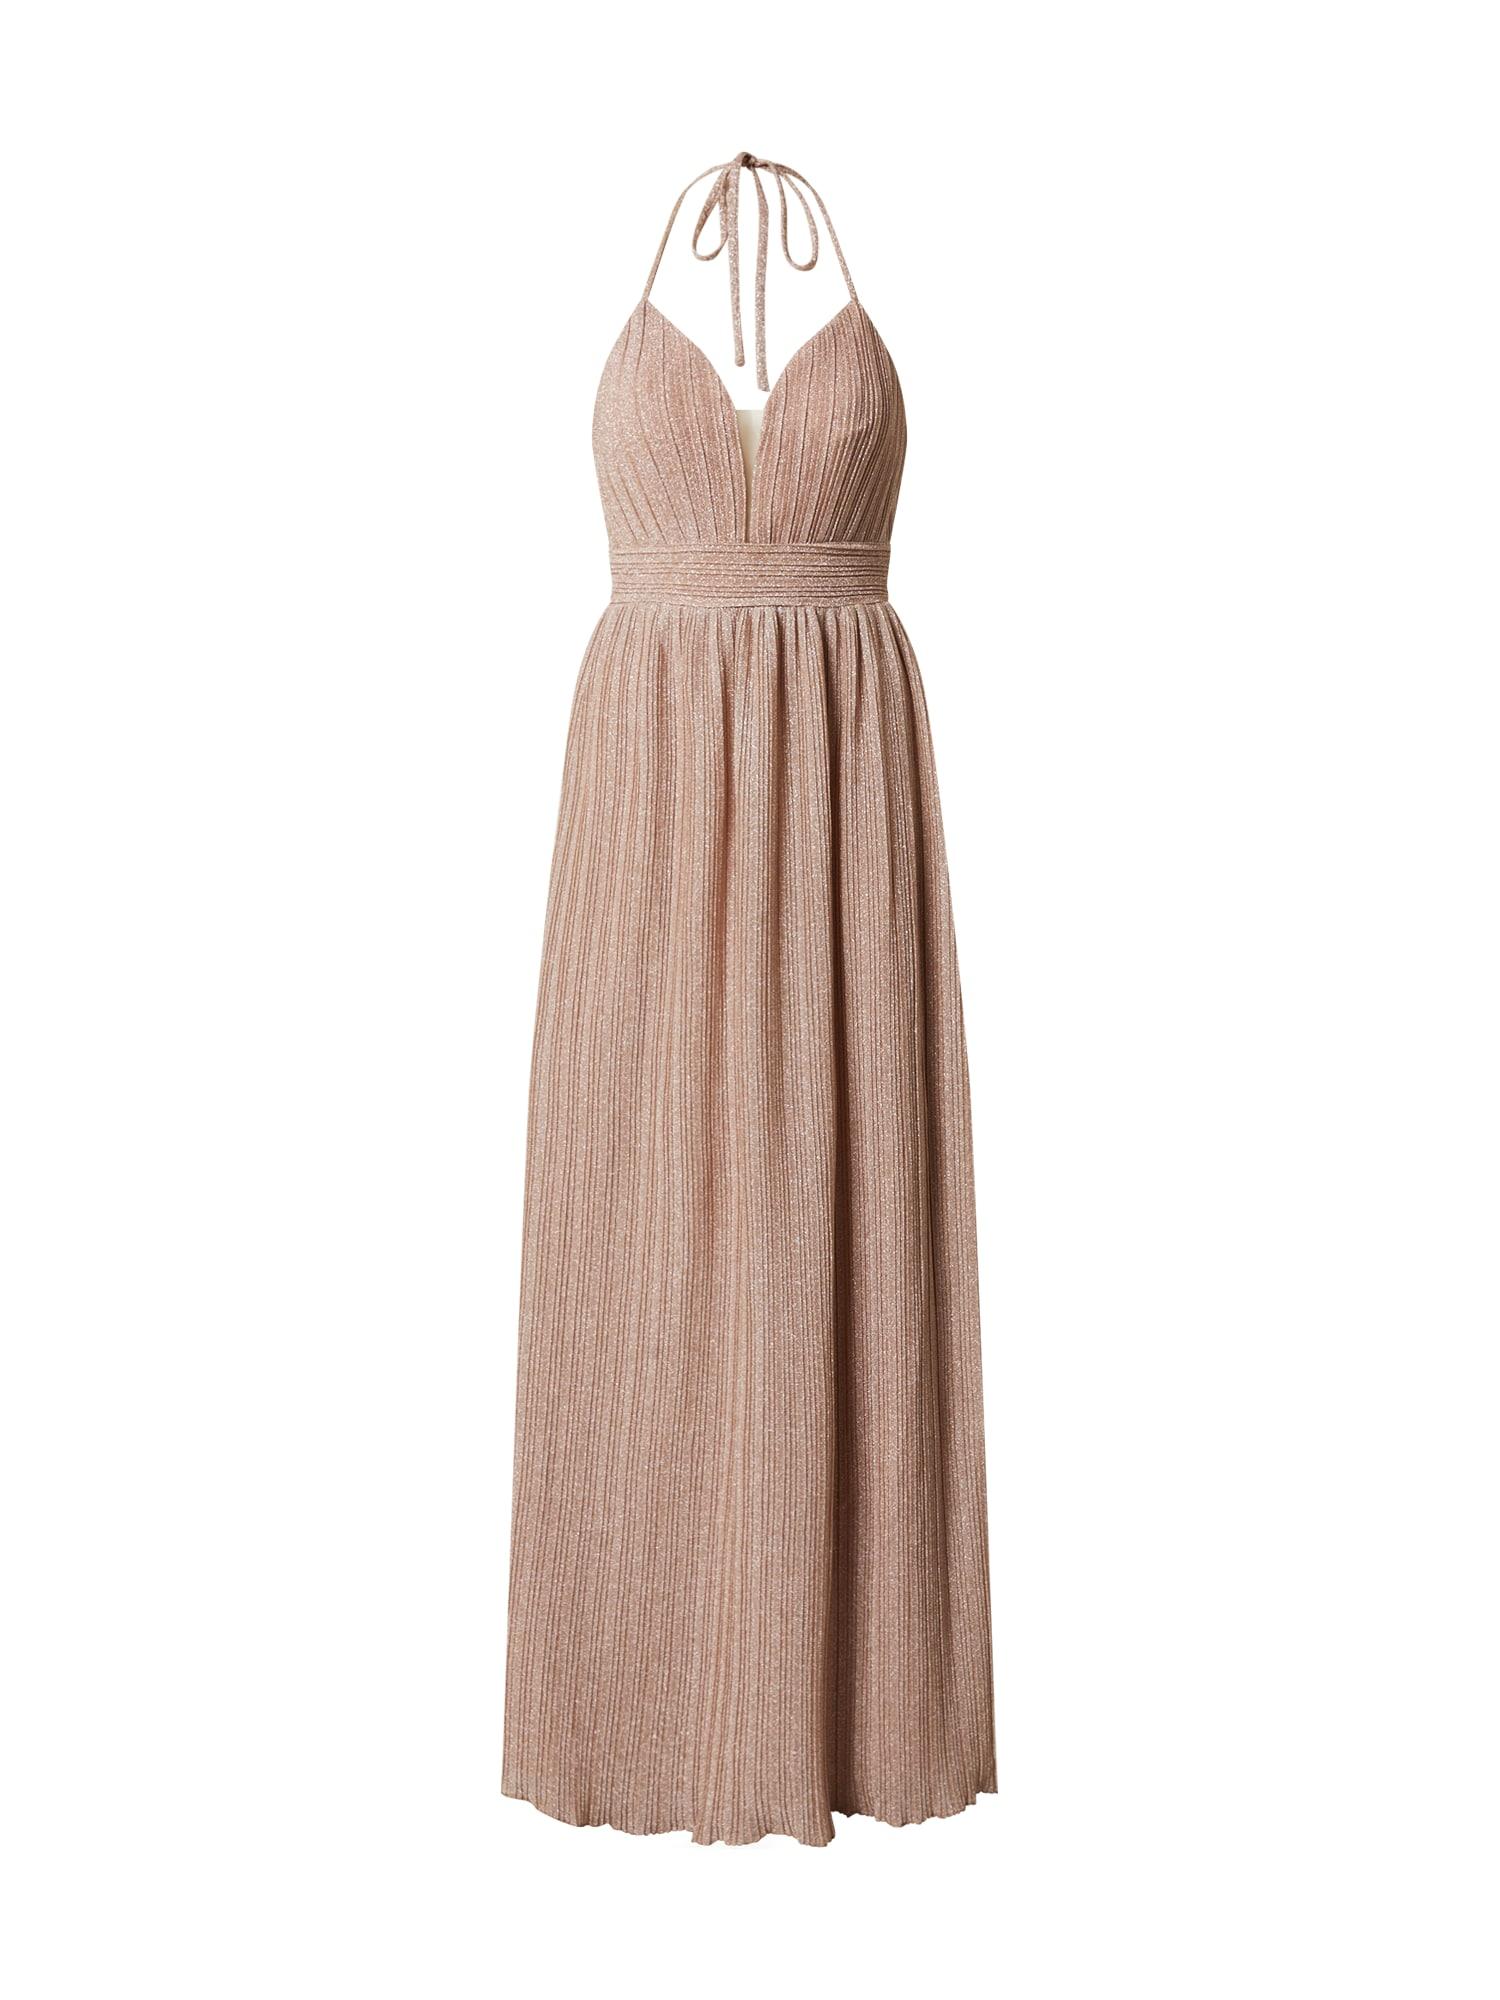 LUXUAR Vakarinė suknelė auksas / ryškiai rožinė spalva